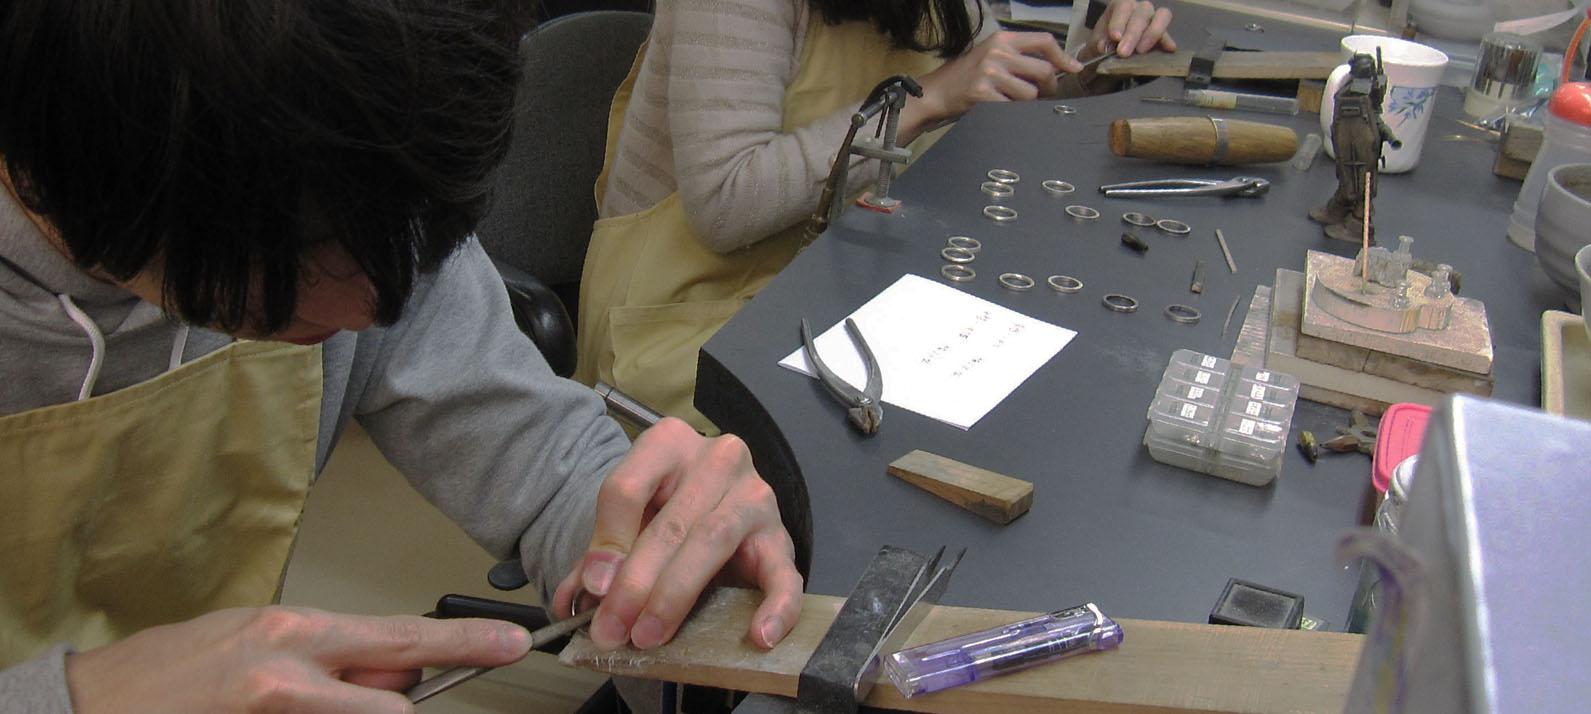 ARAIYAの名工認定者が直接指導 彫金教室